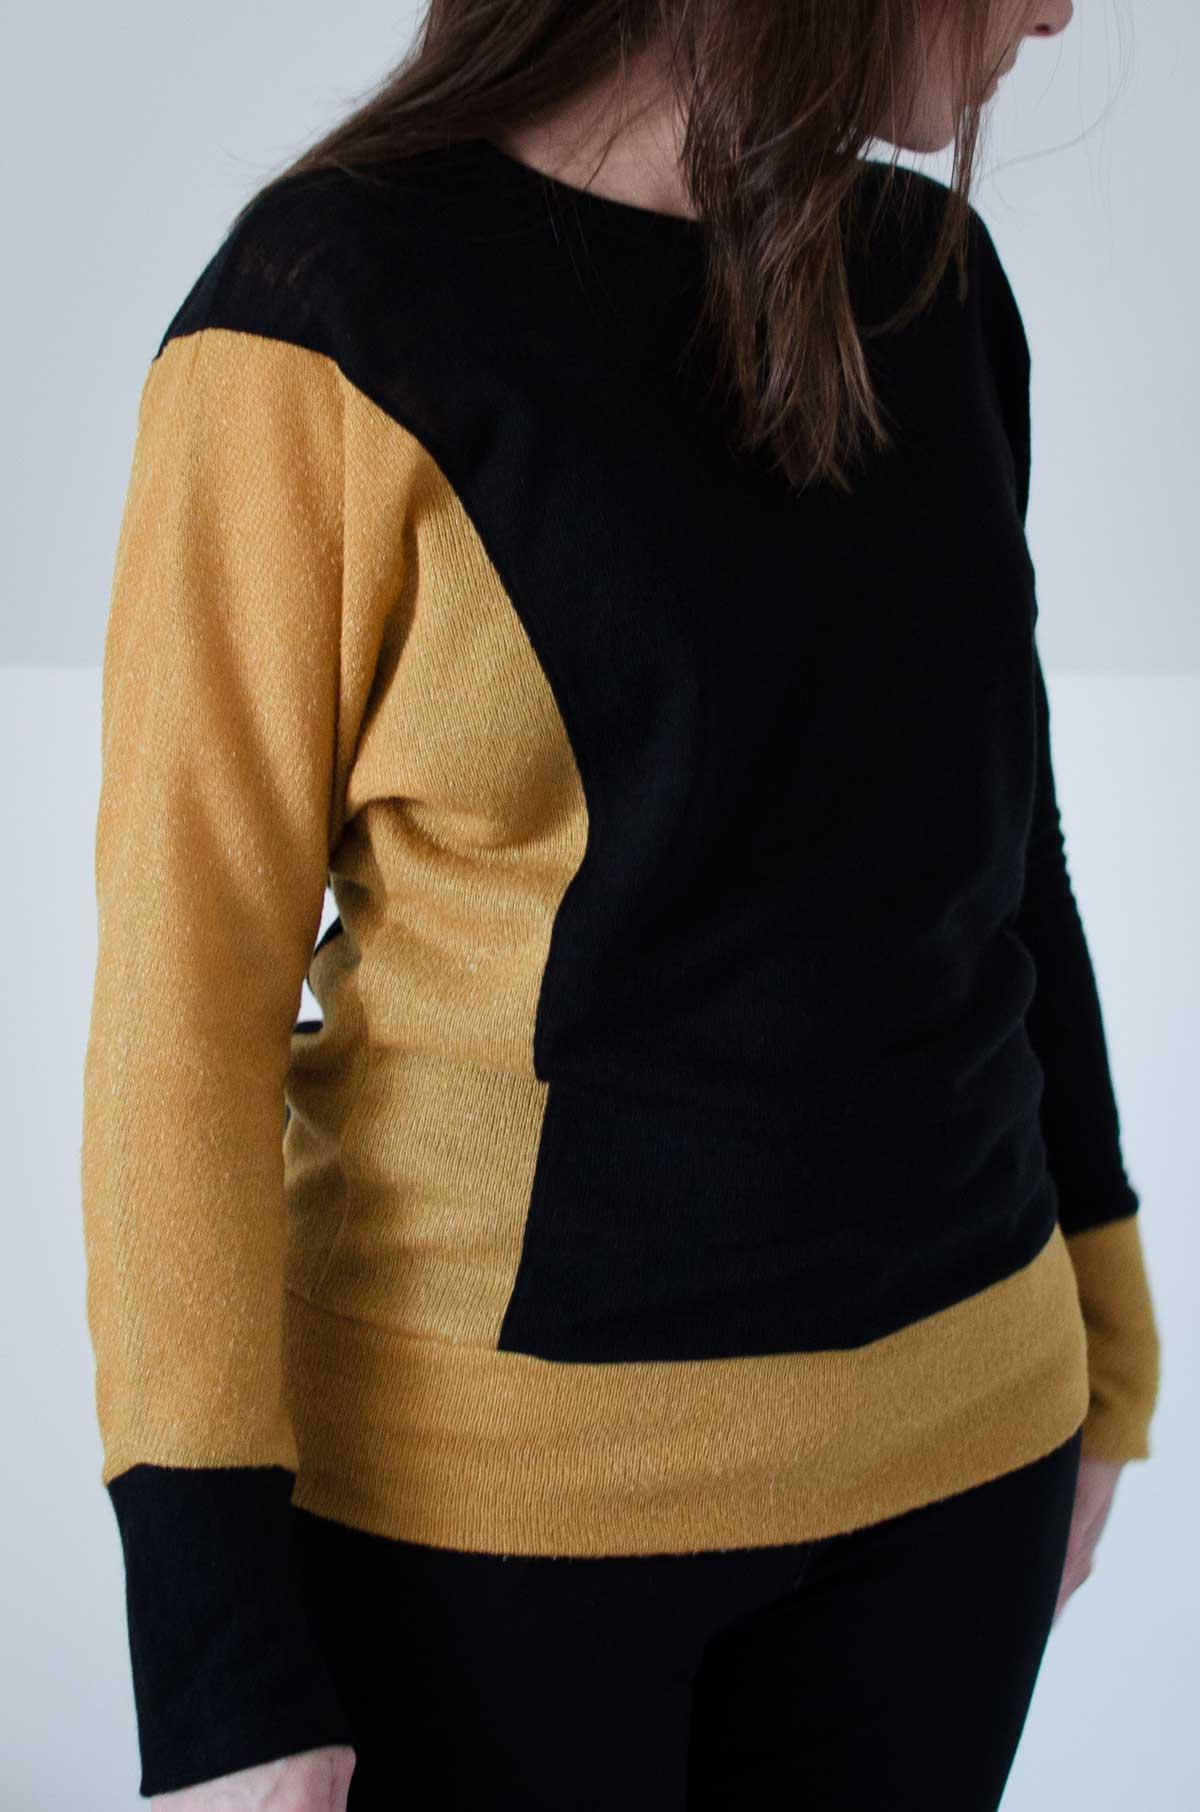 Compagnie-M_julia_sweater_cbienfee